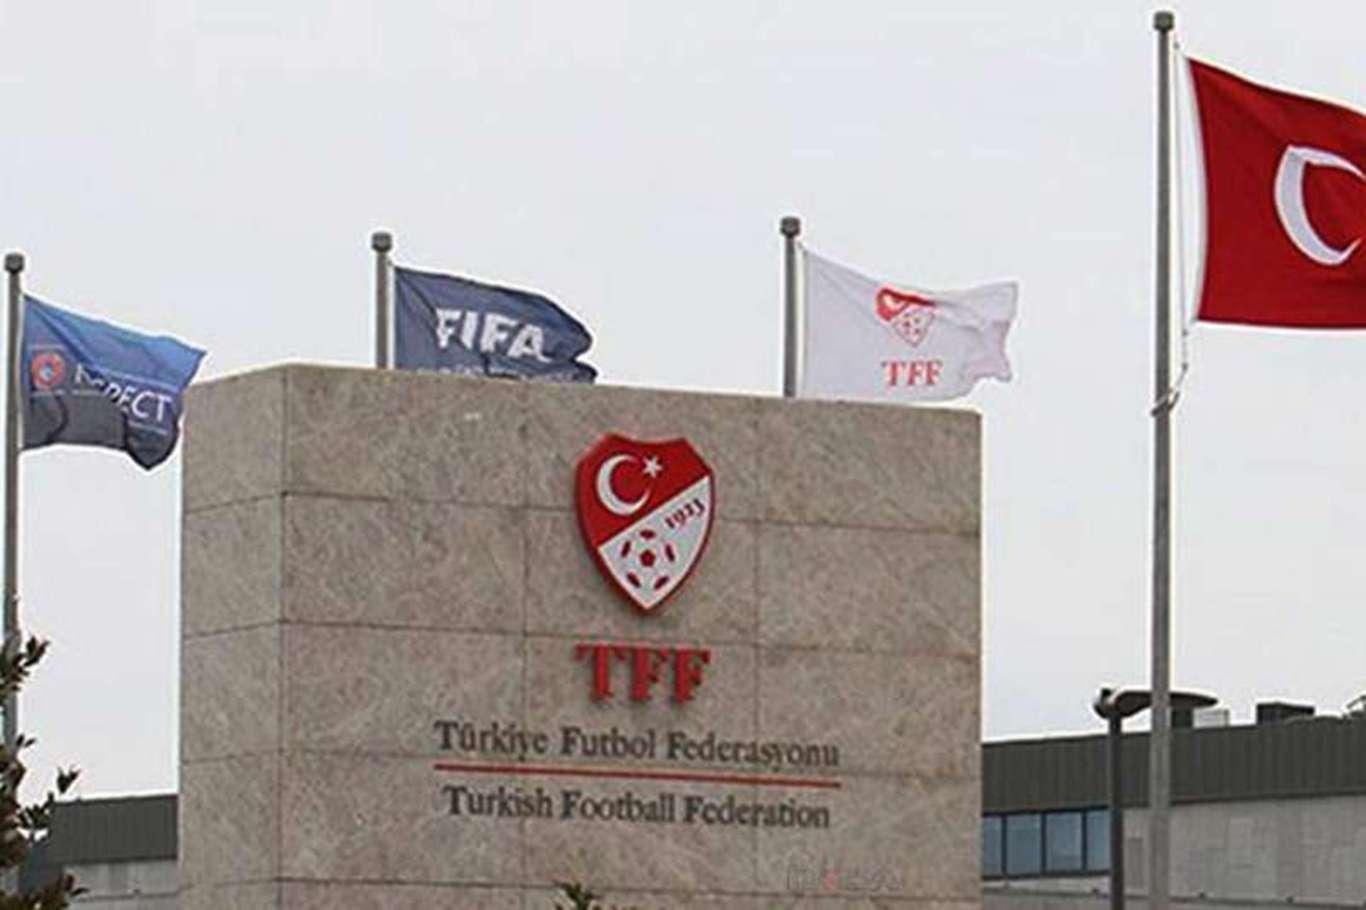 TFF Bölgesel Amatör Liginin ertelendiğini açıkladı